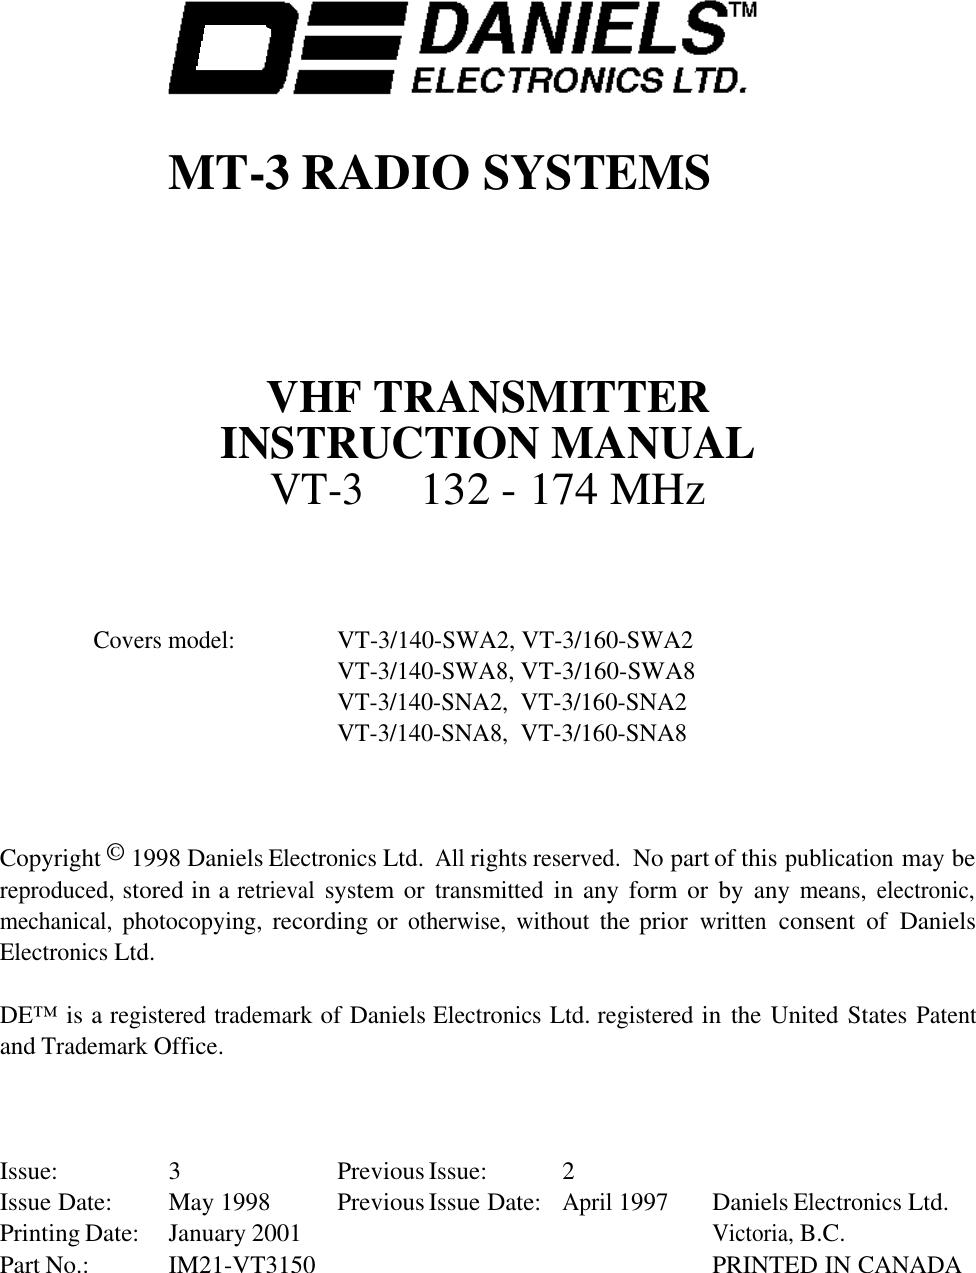 Codan Radio Communications Vt 3 150 Sn 140 160 Vhf Msd 8728 Rev Limiter Wiring Diagram Transmitters User Manual Im21 Vt3150amp Tx Amplifier